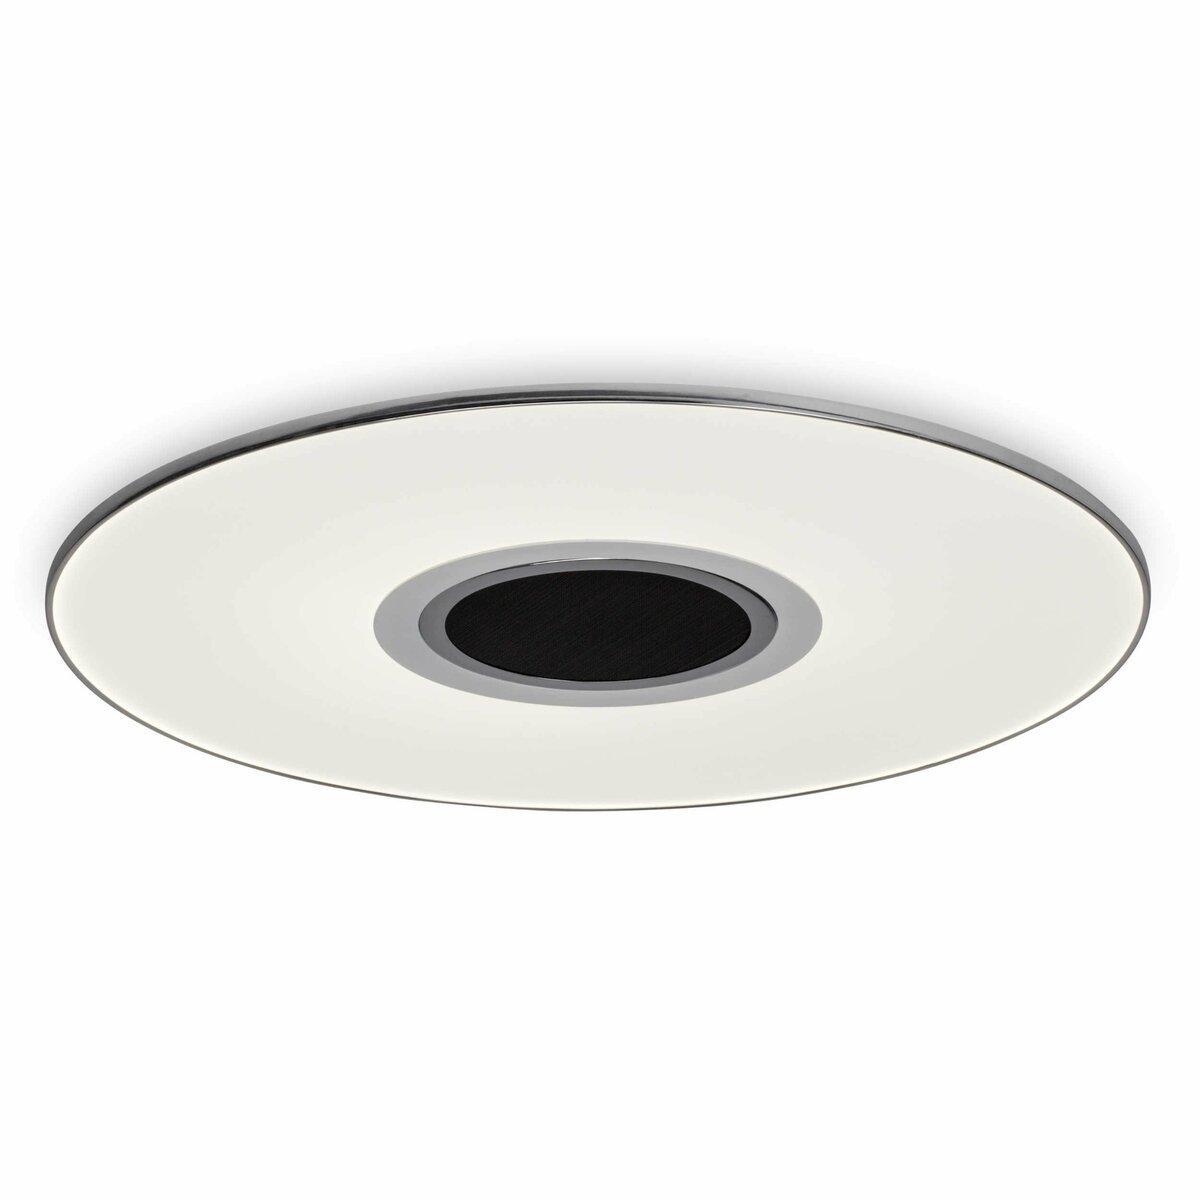 Bild 2 von AEG LED-Deckenleuchte   Tonic